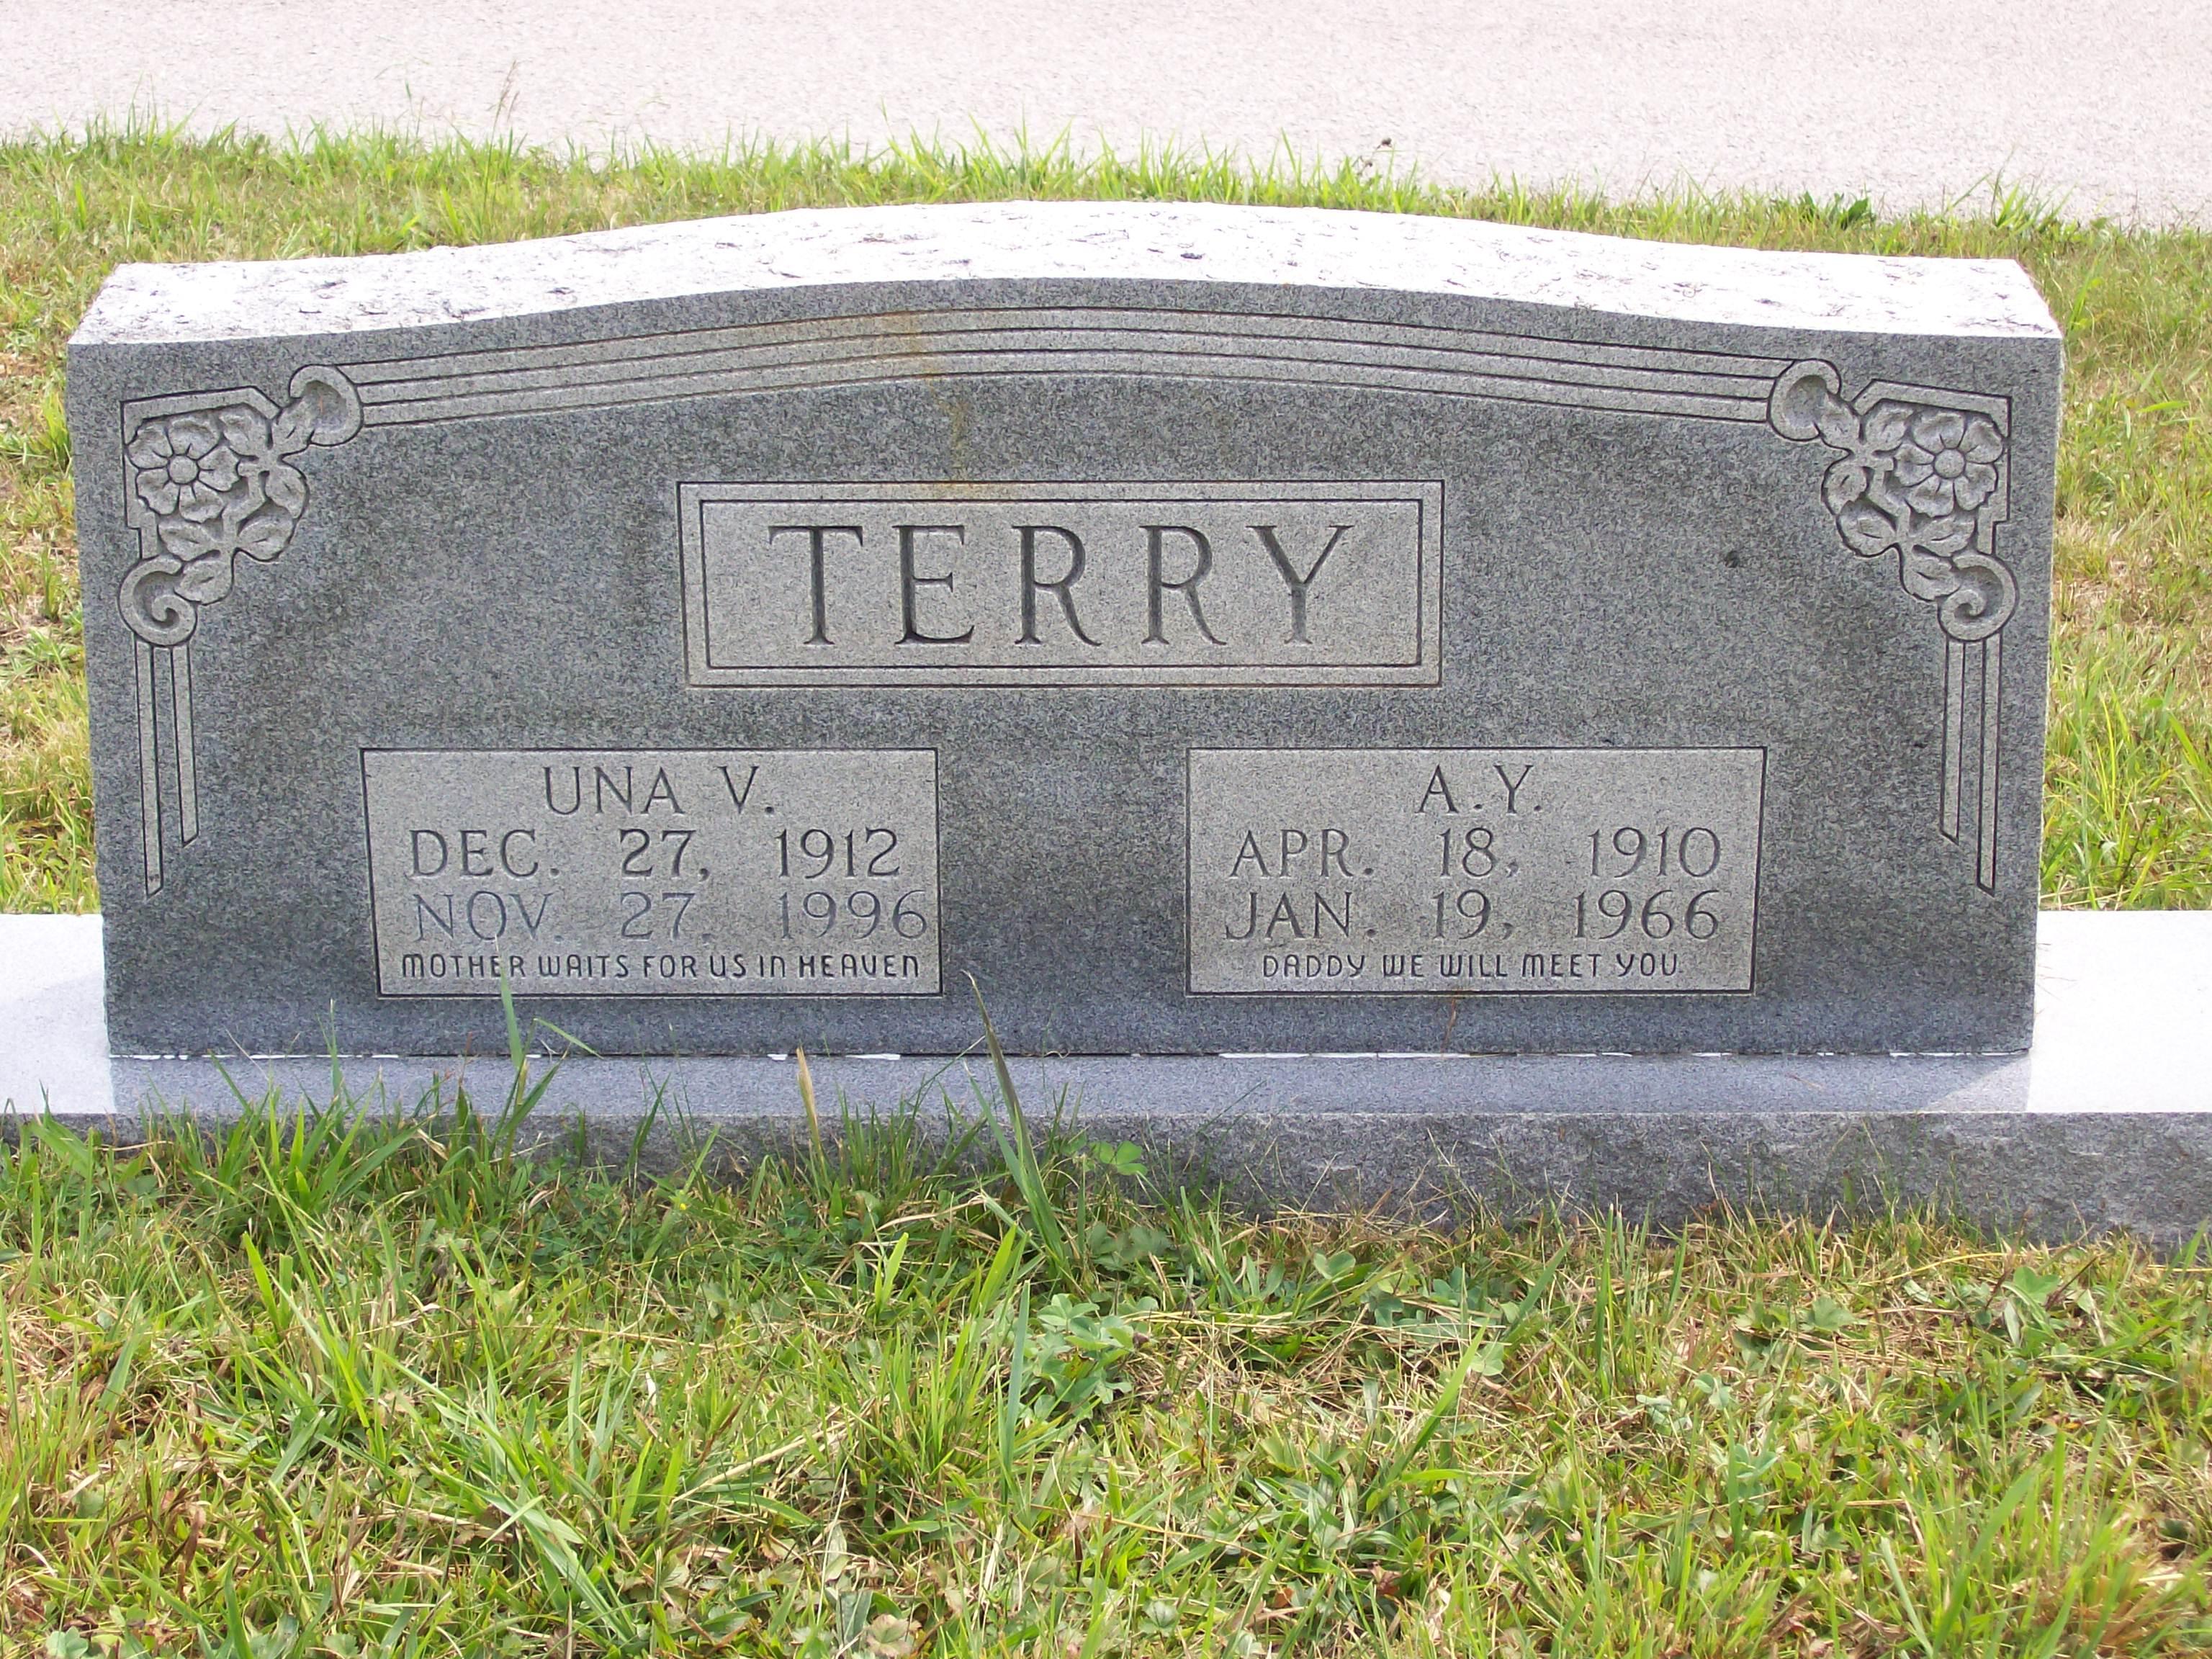 A. Y. Terry